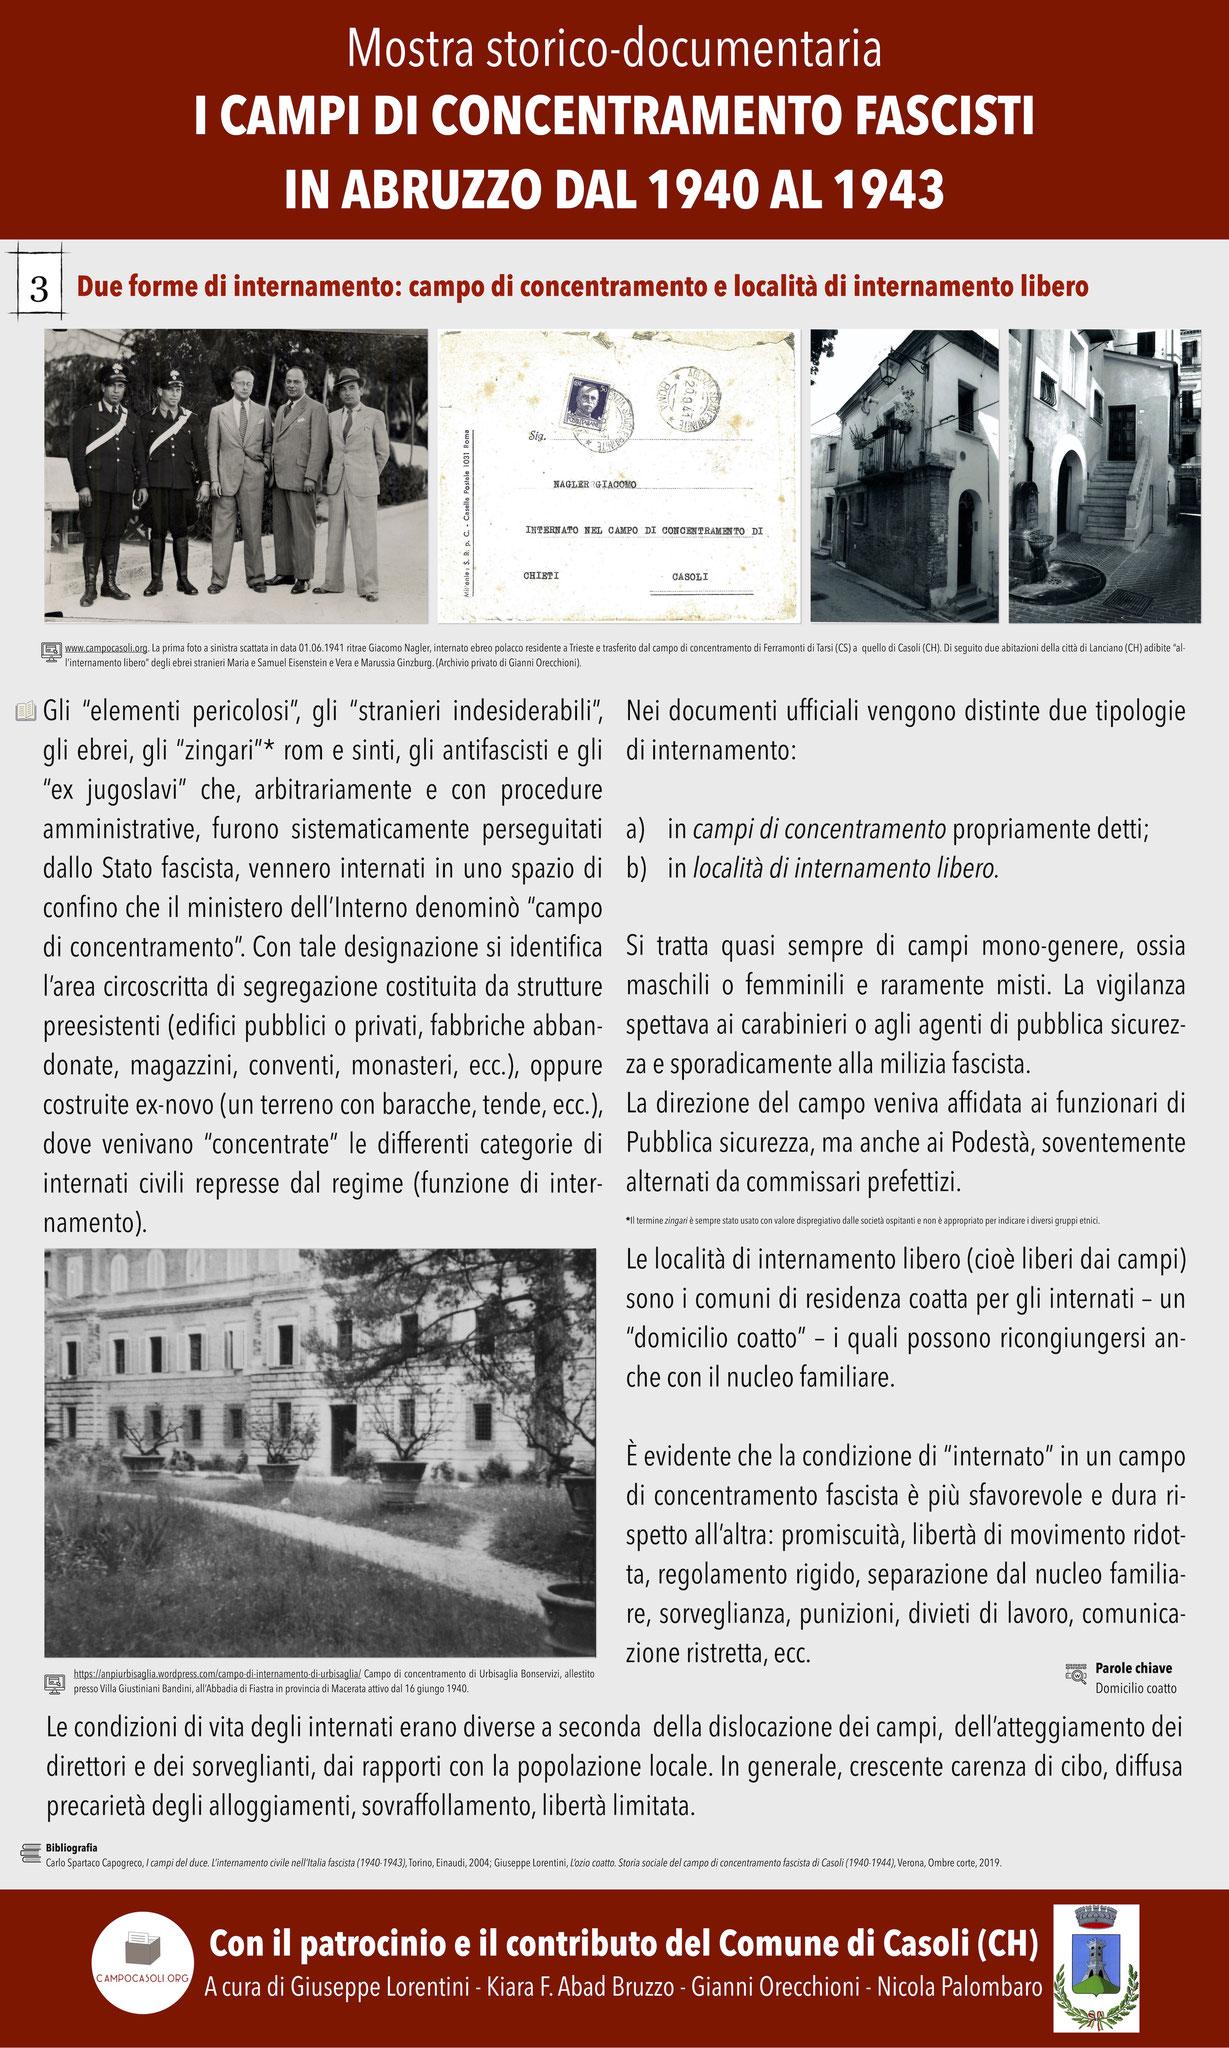 3. Due forme di internamento: campo di concentramento e località di internamento libero